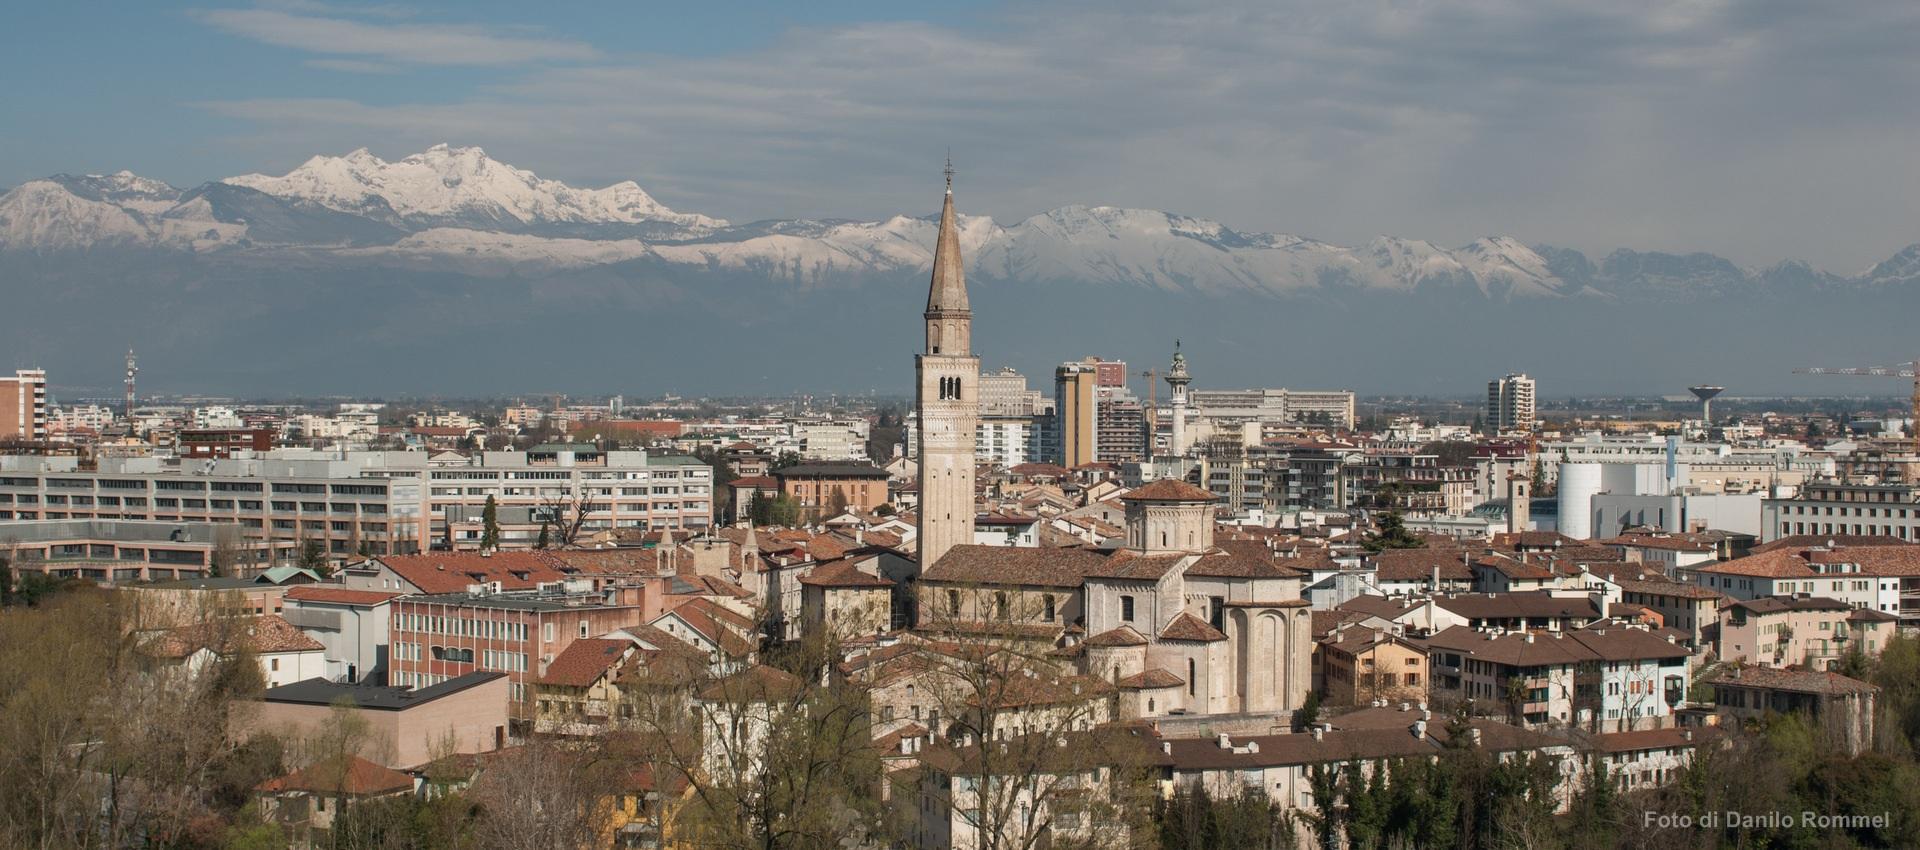 Vista su Pordenone dall'alto con campanile di San Marco e montagne innevate sullo sfondo